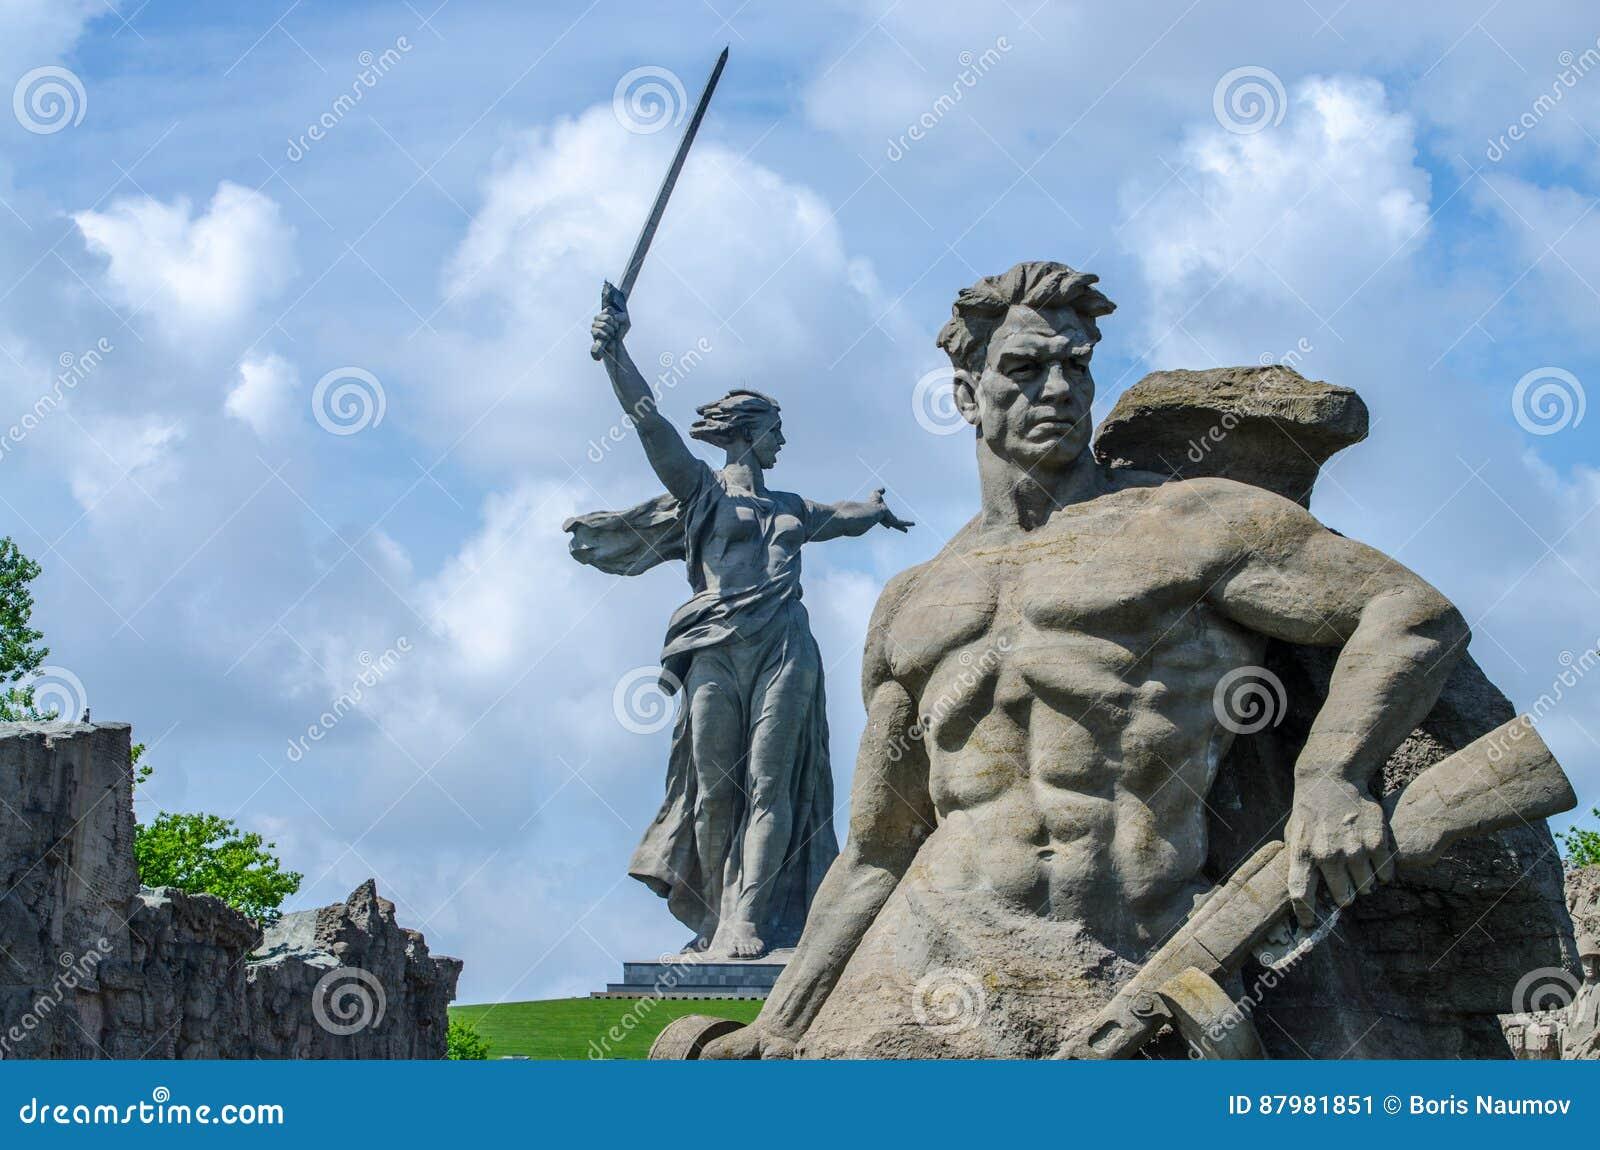 Цены на памятники в россии волгограде заказать памятники нижнего новгорода природы